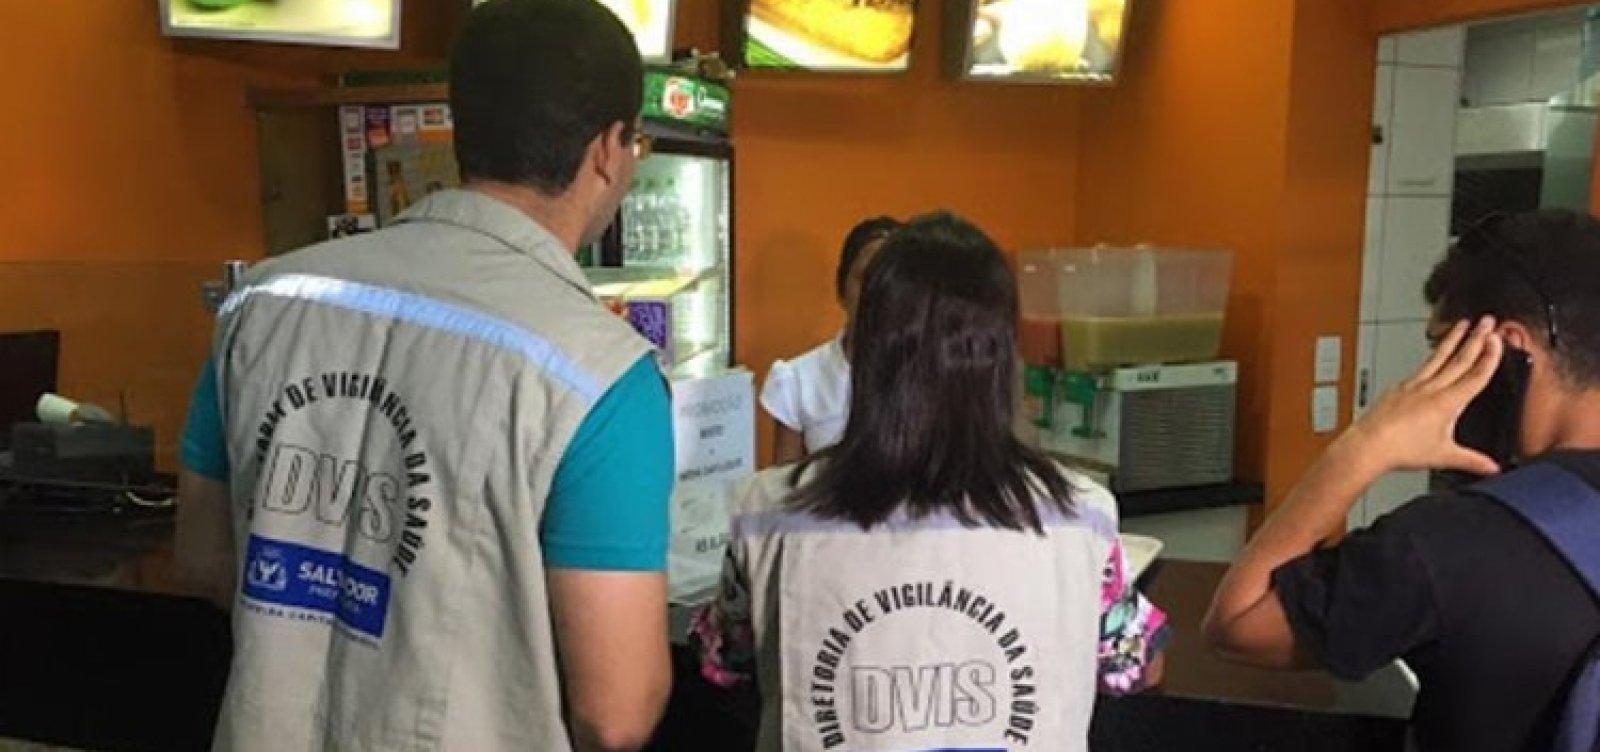 [Vigilância Sanitária fiscaliza restaurantes com delivery nesta sexta ]